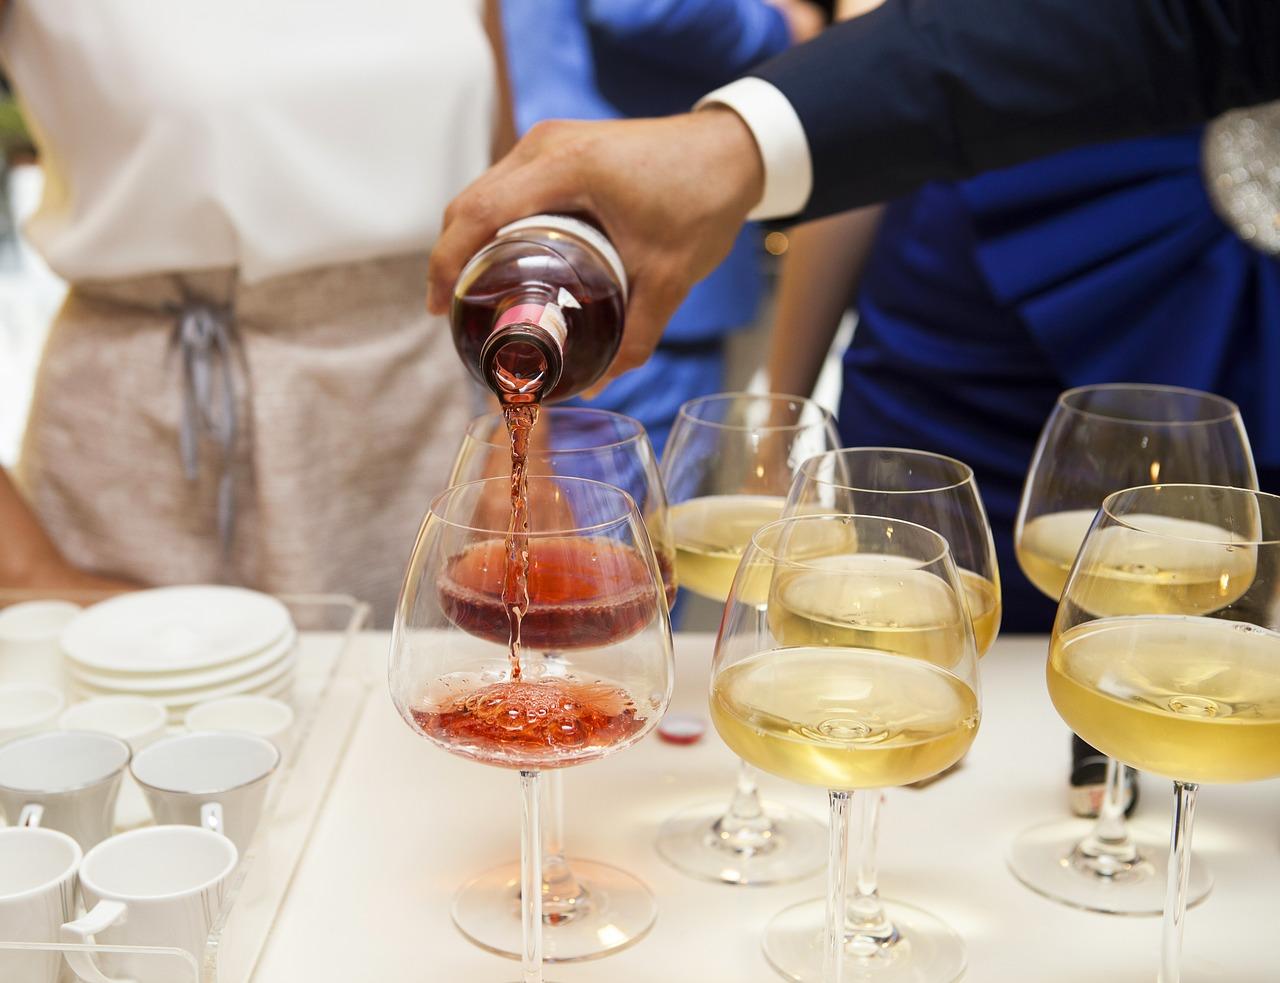 Kellner schenkt Wein auf Gewerbemesse ein